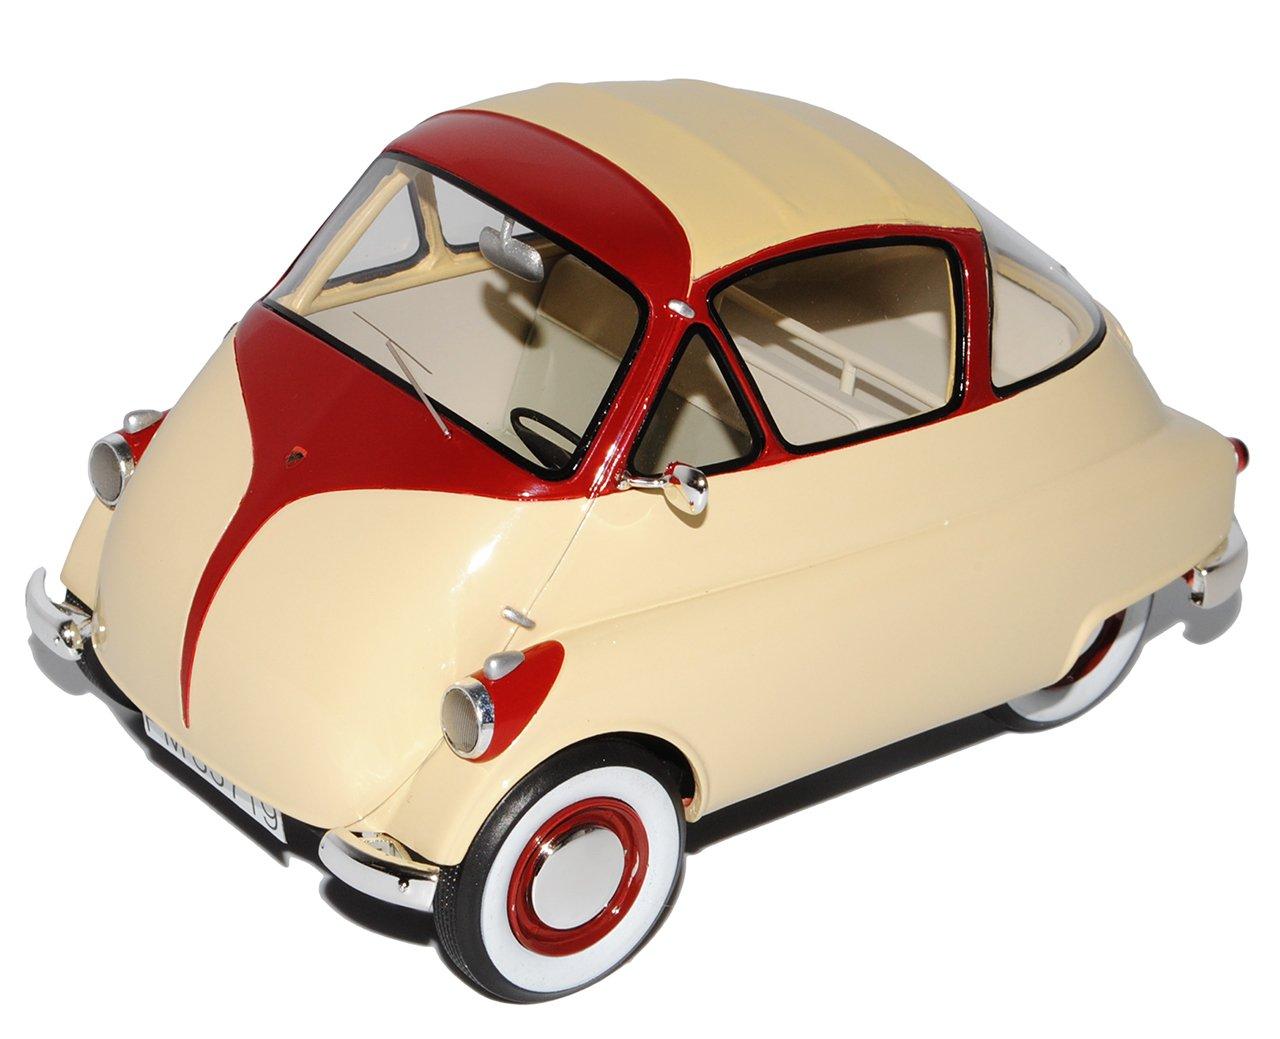 Schuco Iso Isetta Beige Rot 1/18 Modell Auto